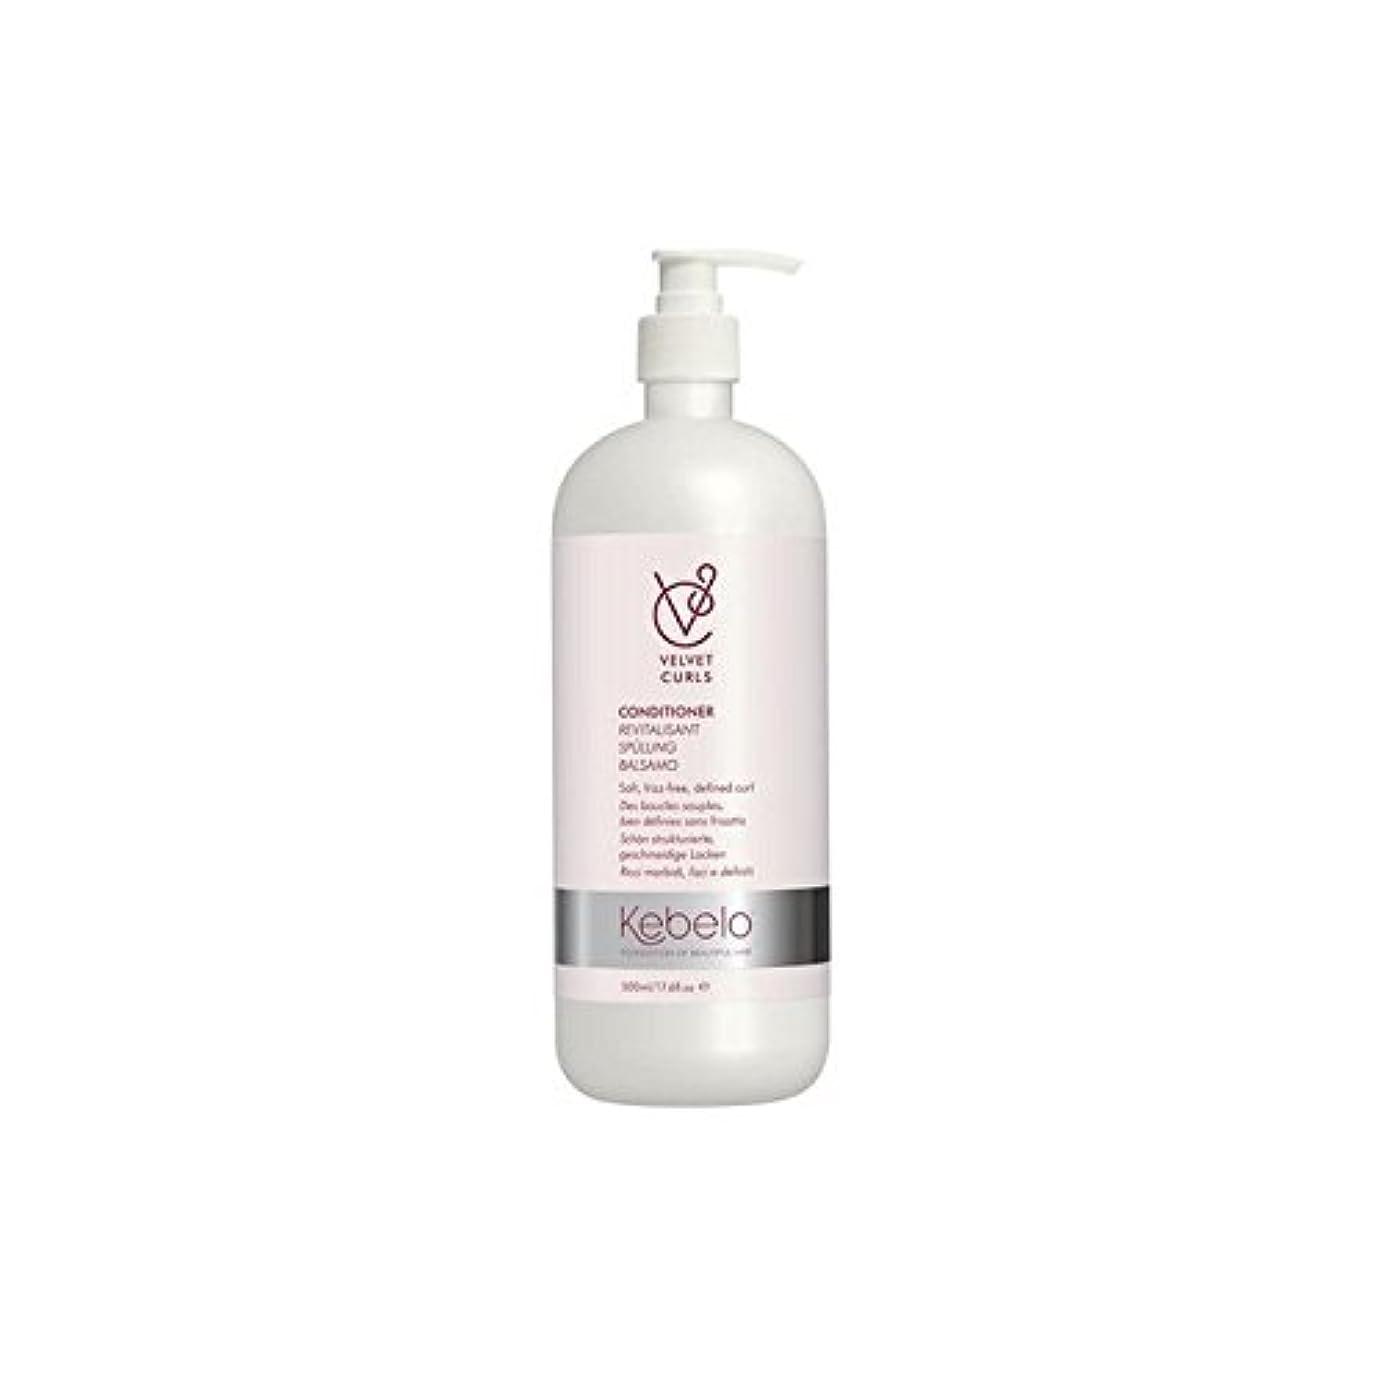 モロニックキャリア逆にKebelo Velvet Curls Conditioner (500ml) (Pack of 6) - ベルベットのカールコンディショナー(500ミリリットル) x6 [並行輸入品]